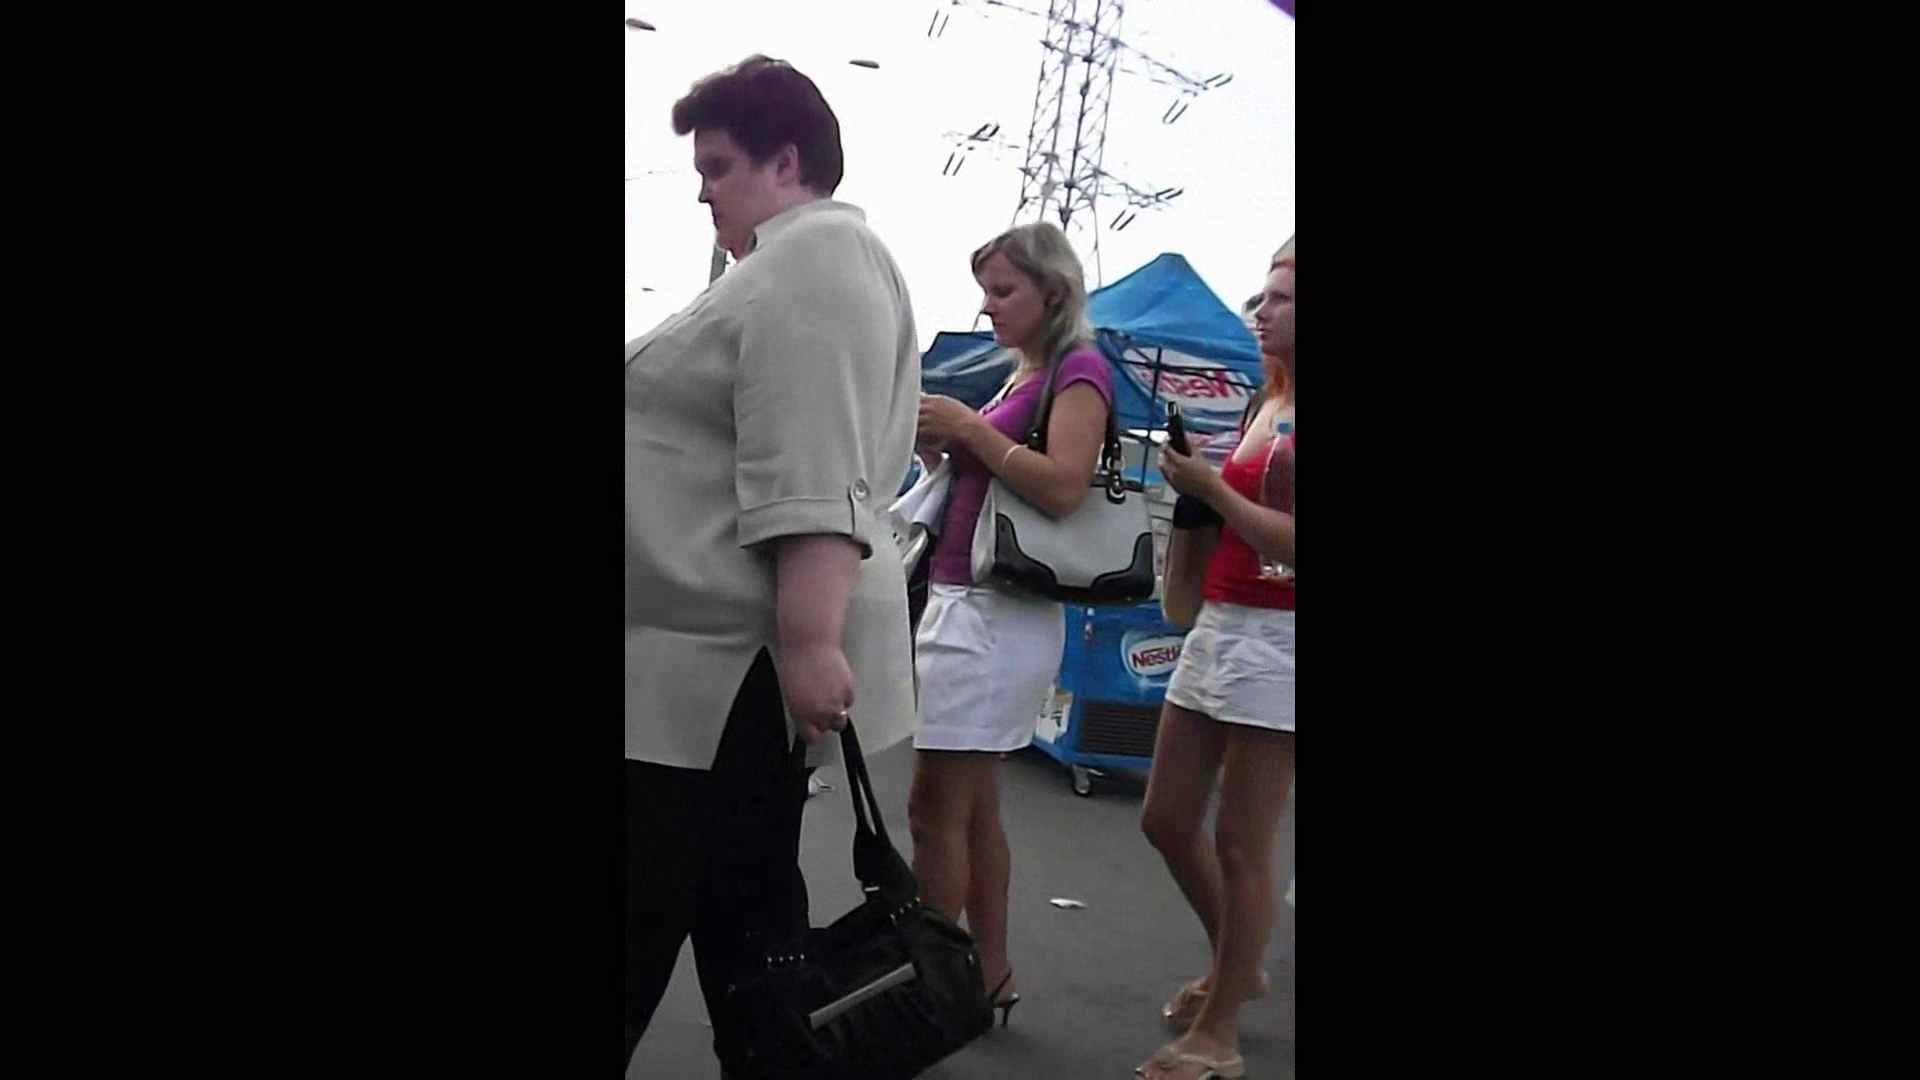 綺麗なモデルさんのスカート捲っちゃおう‼vol04 モデル スケベ動画紹介 82pic 32